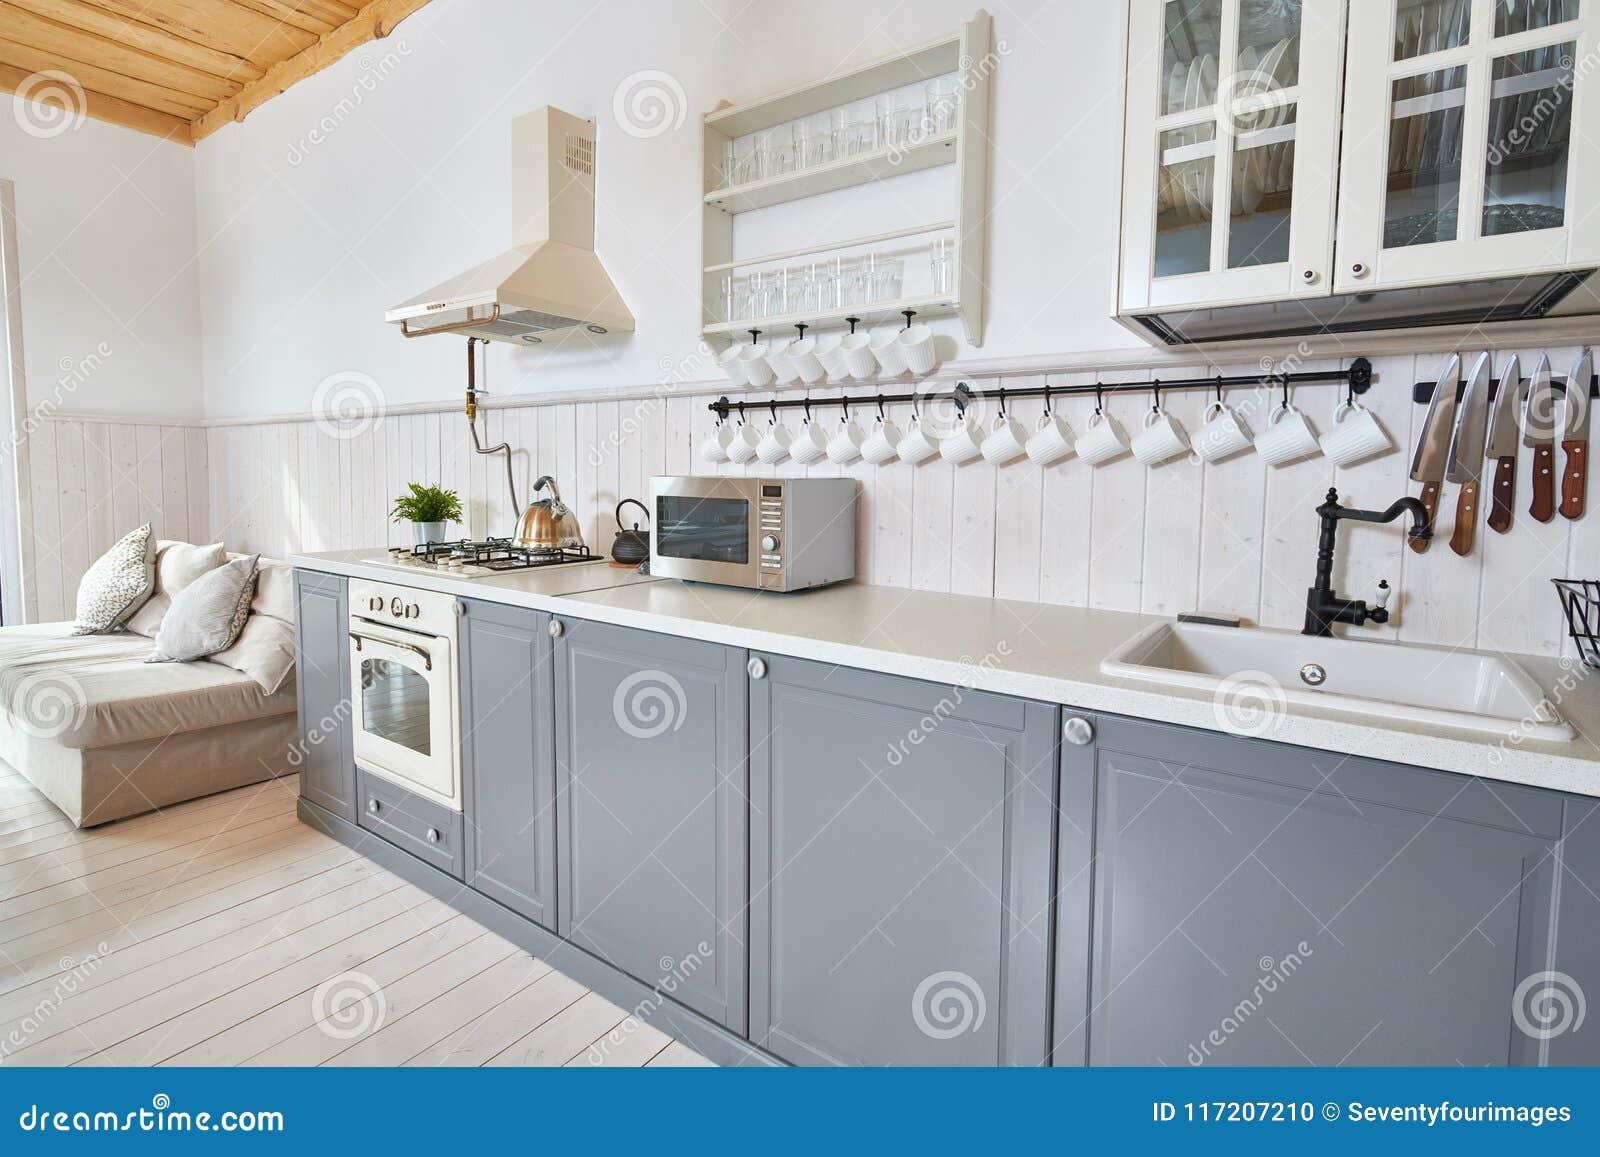 Cucina grigia e bianca fotografia stock immagine di interno 117207210 - Cucina moderna bianca e grigia ...